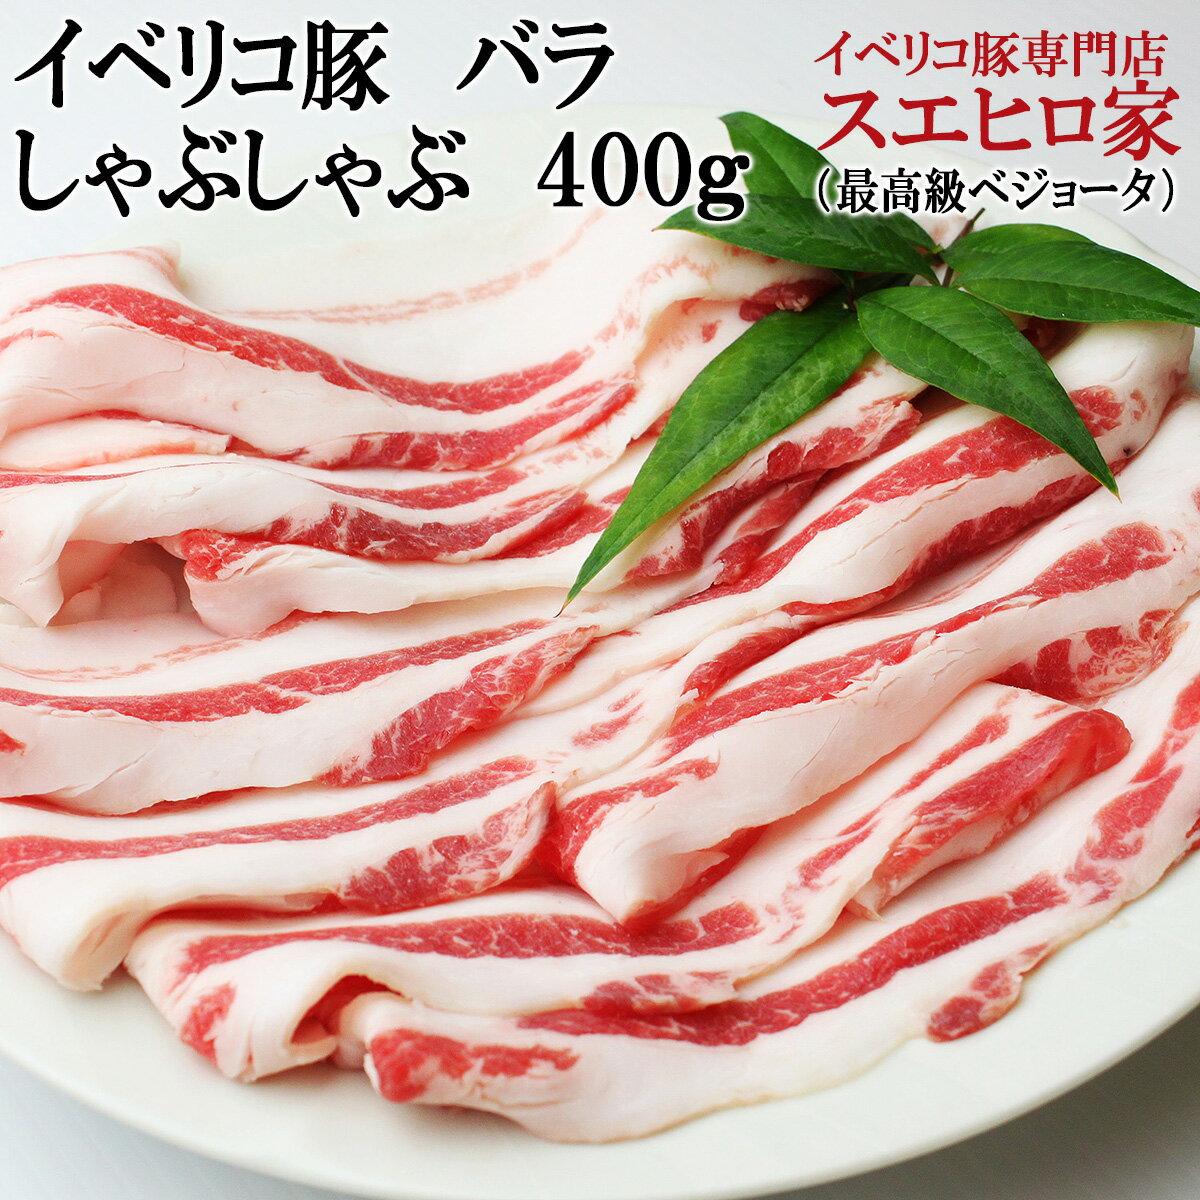 イベリコ豚 バラ しゃぶしゃぶ 400g(最高級ベジョータ)豚肉 黒豚 肉 お取り寄せ グルメ 豚しゃぶ高級肉 お中元 お肉 御中元 お中元ギフト 食品 食べ物 珍しい お歳暮 おすすめ お礼 グルメお取り寄せ 肉 人気